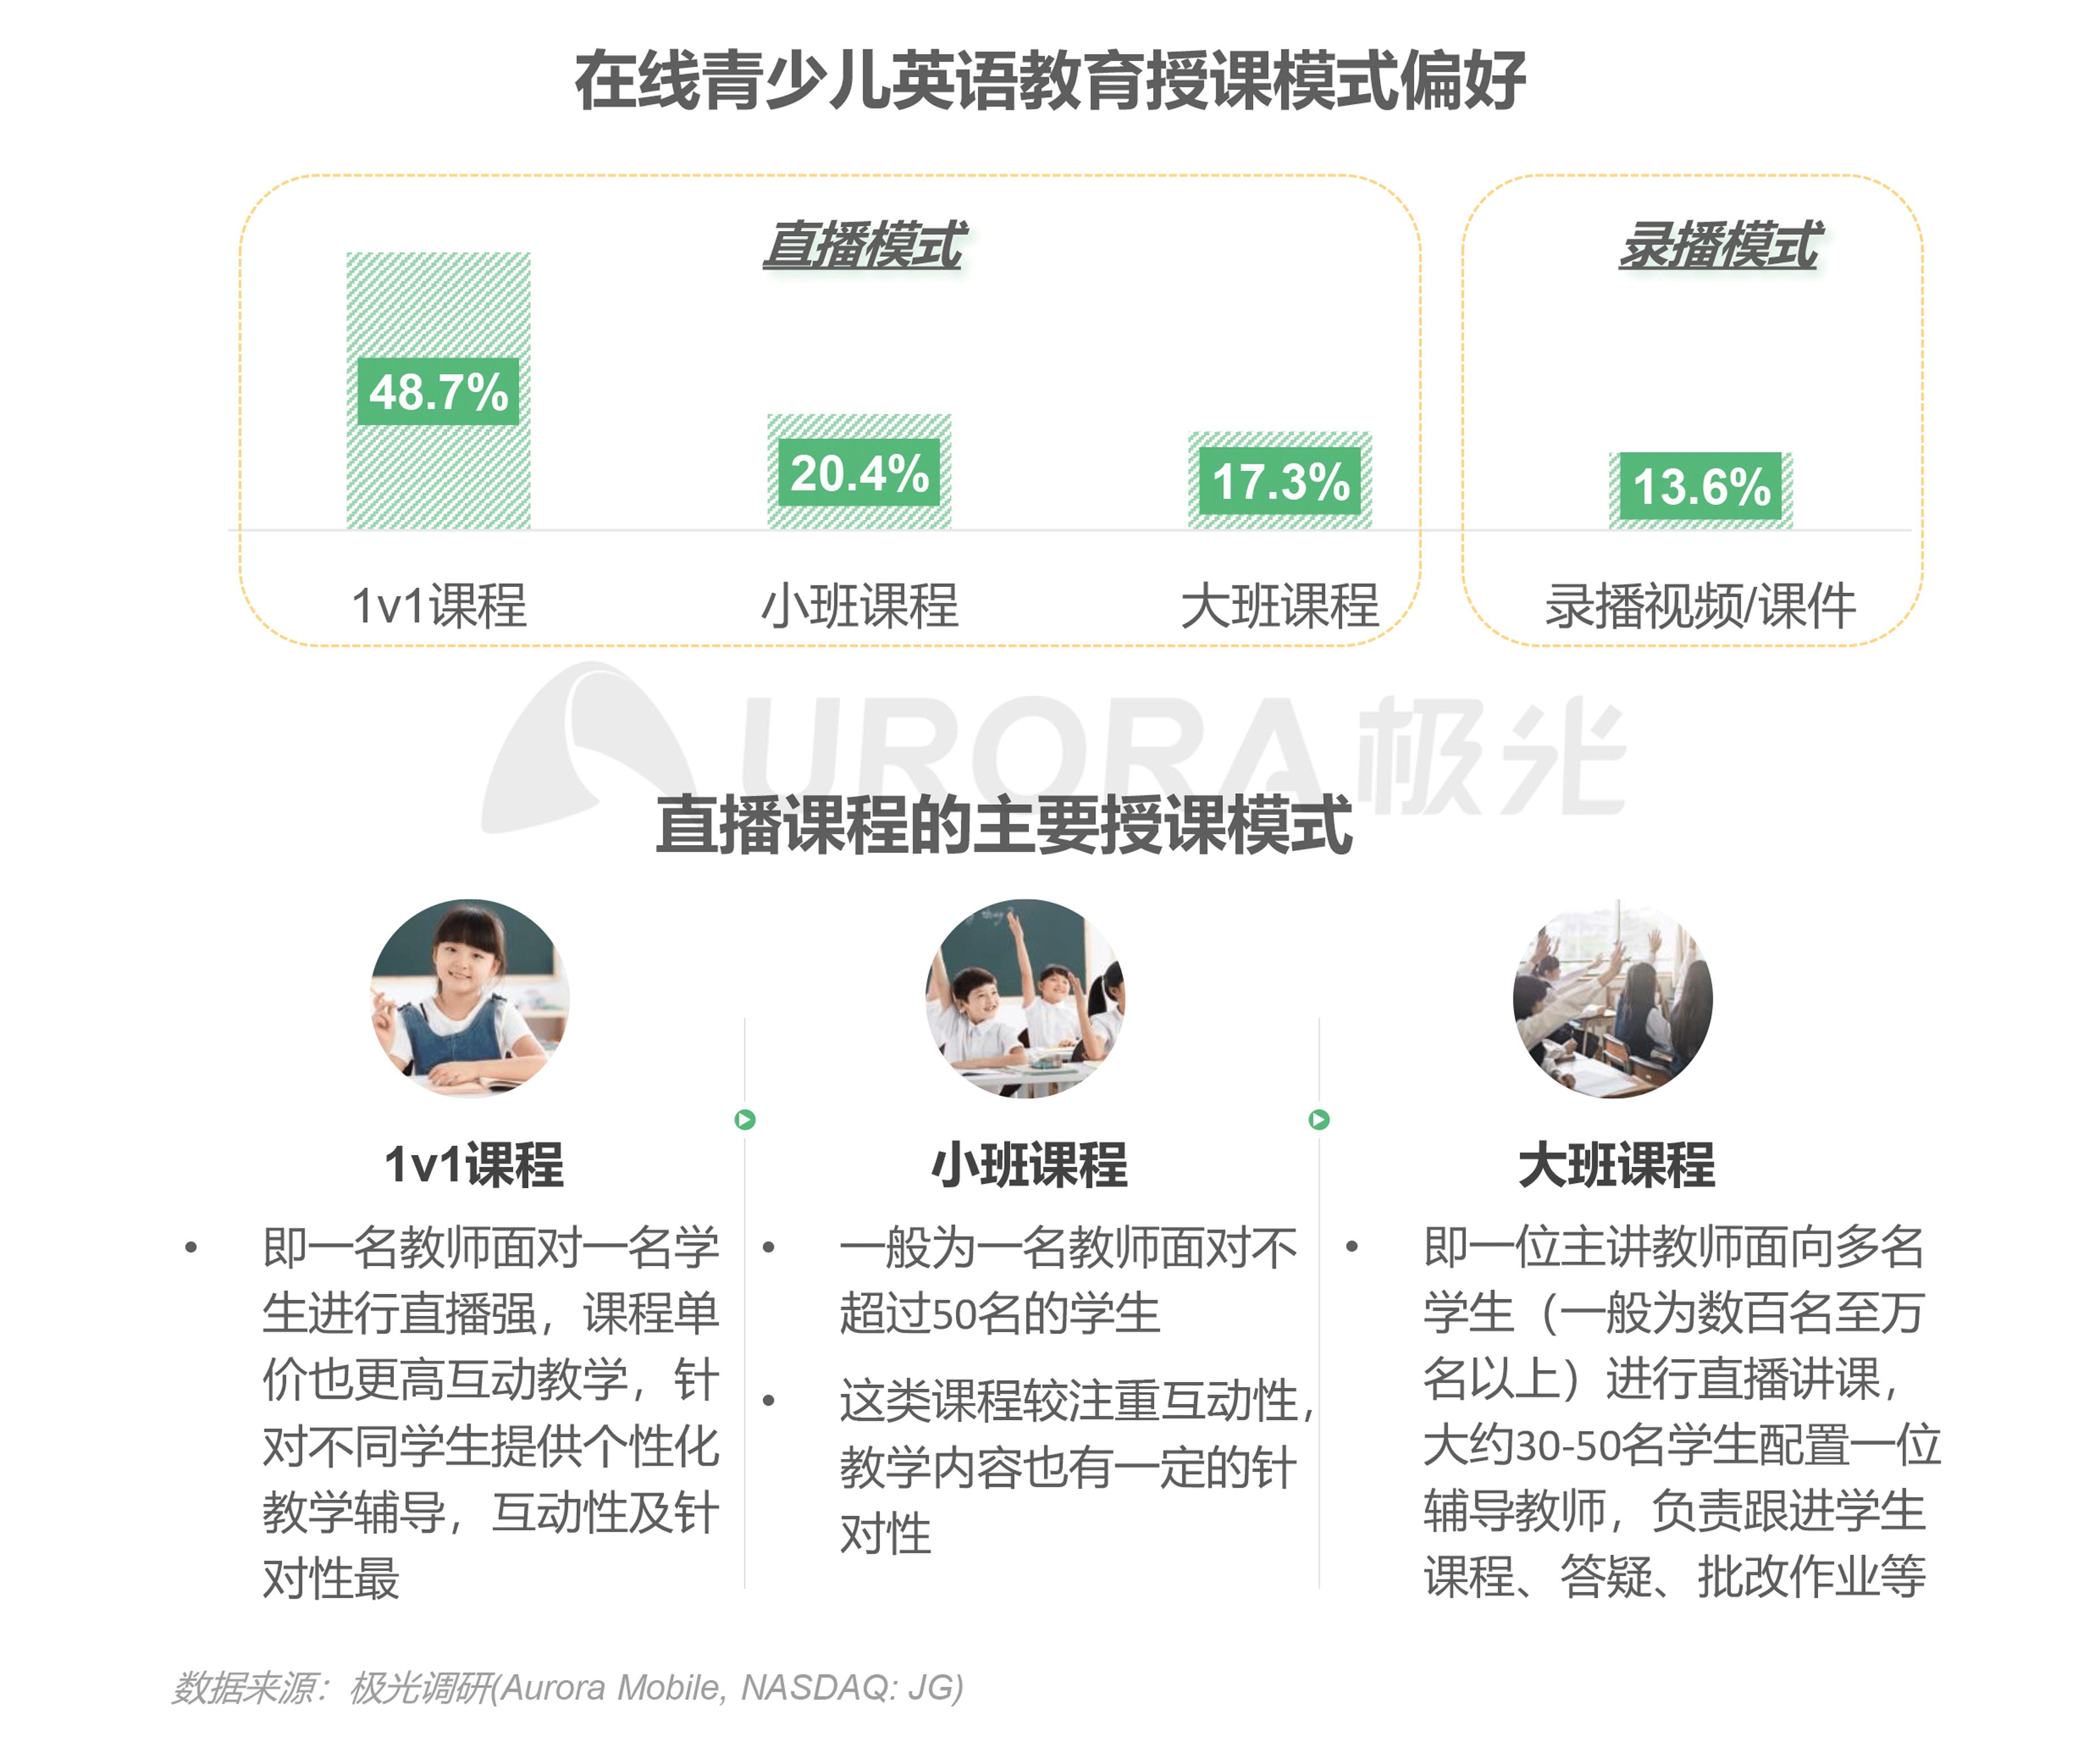 极光:中国在线青少儿英语教育行业研究报告 (14).png